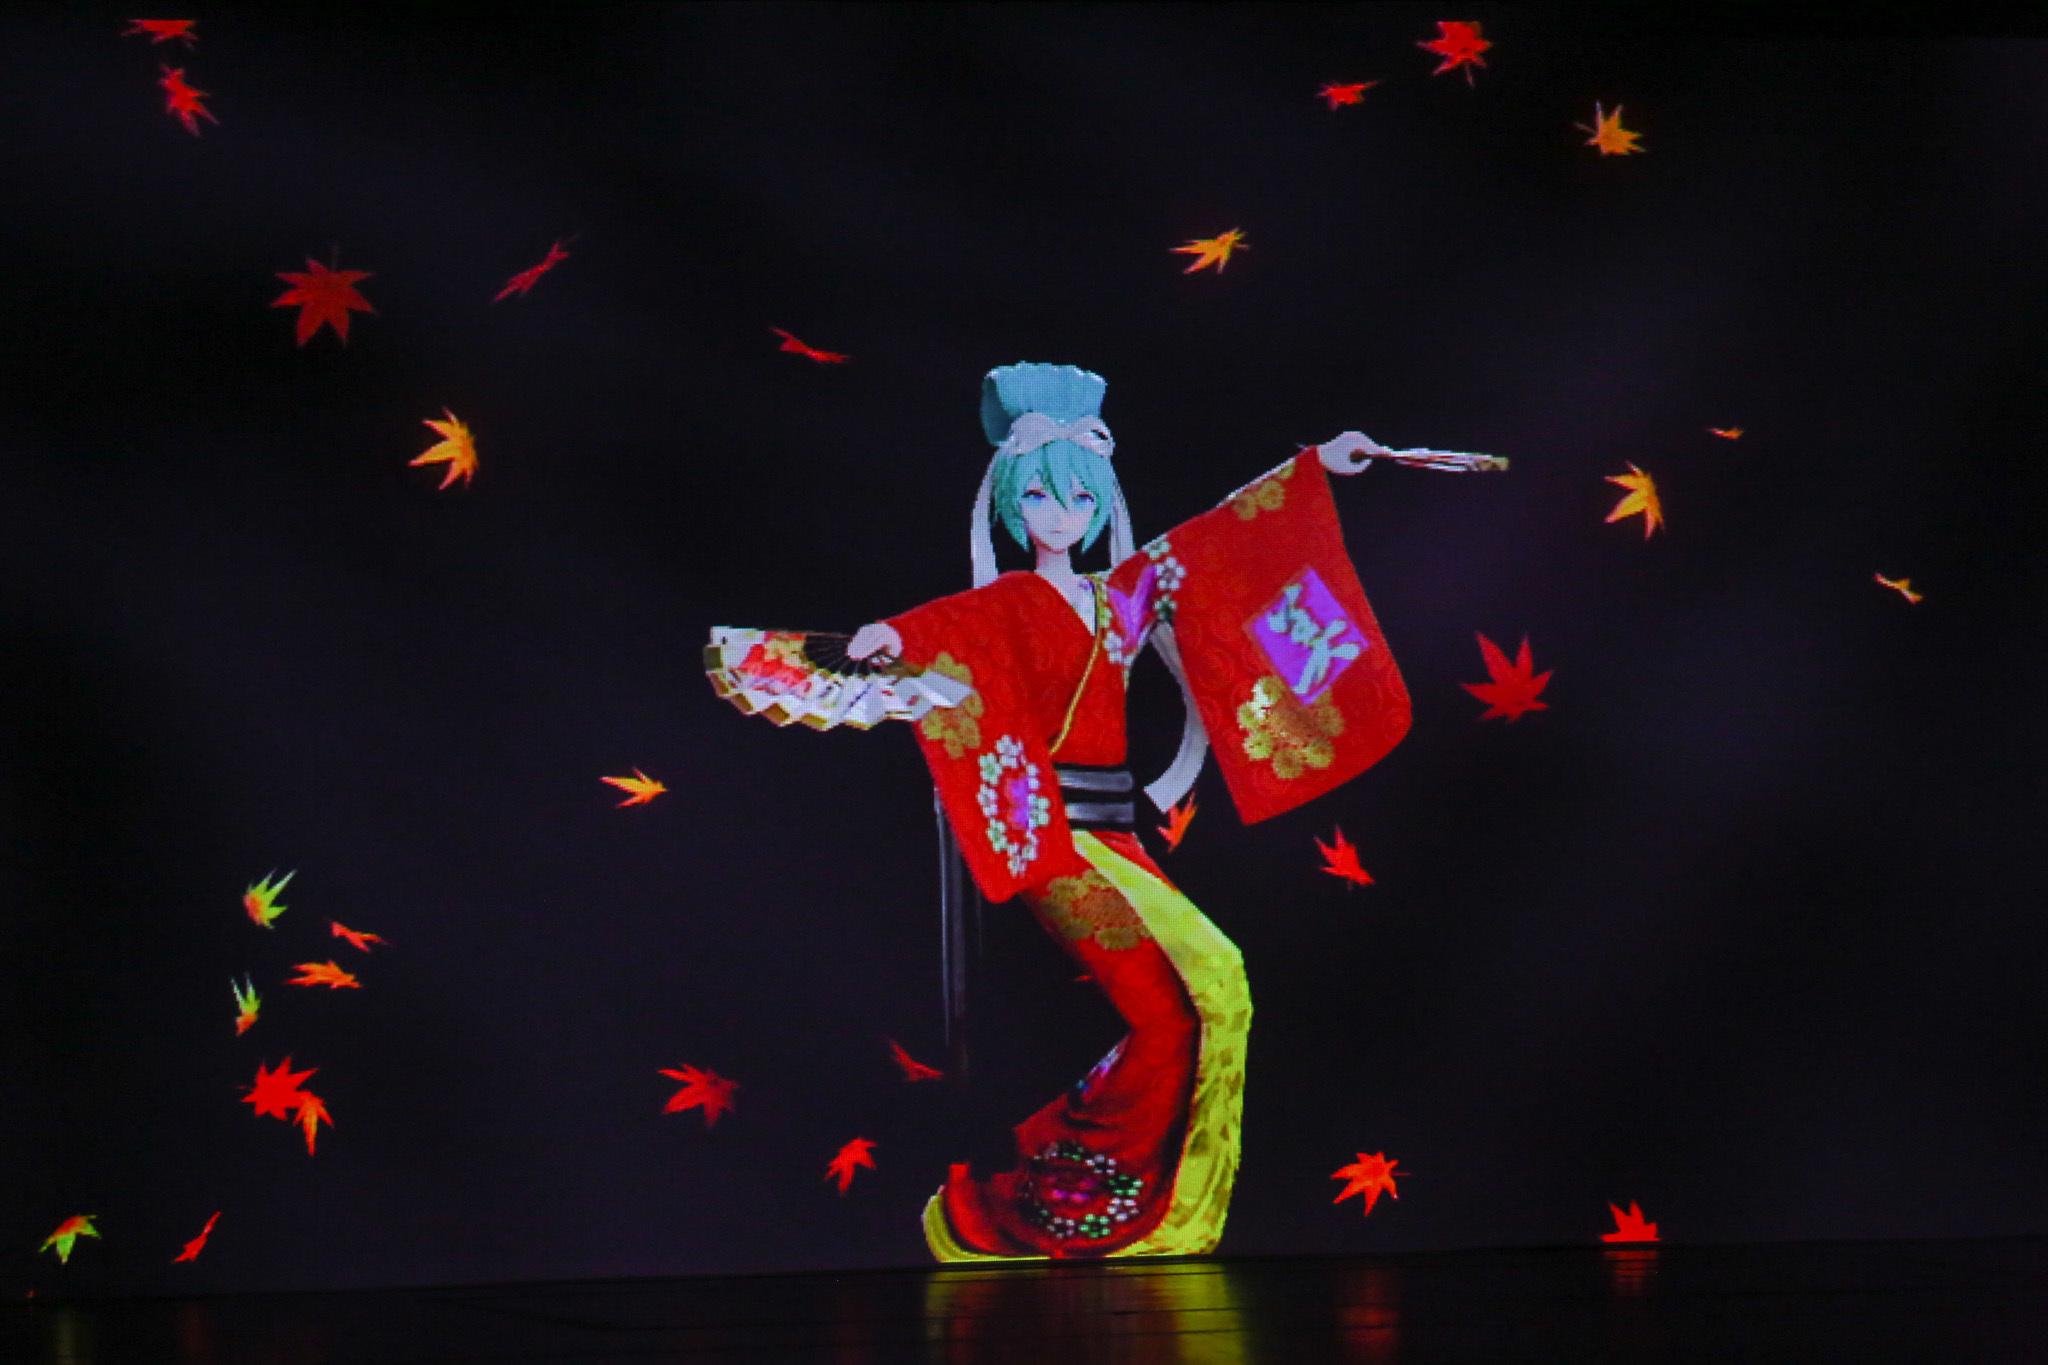 『當世流歌舞伎踊』 (C)NTT・松竹P/(C)超歌舞伎/(C)CFM